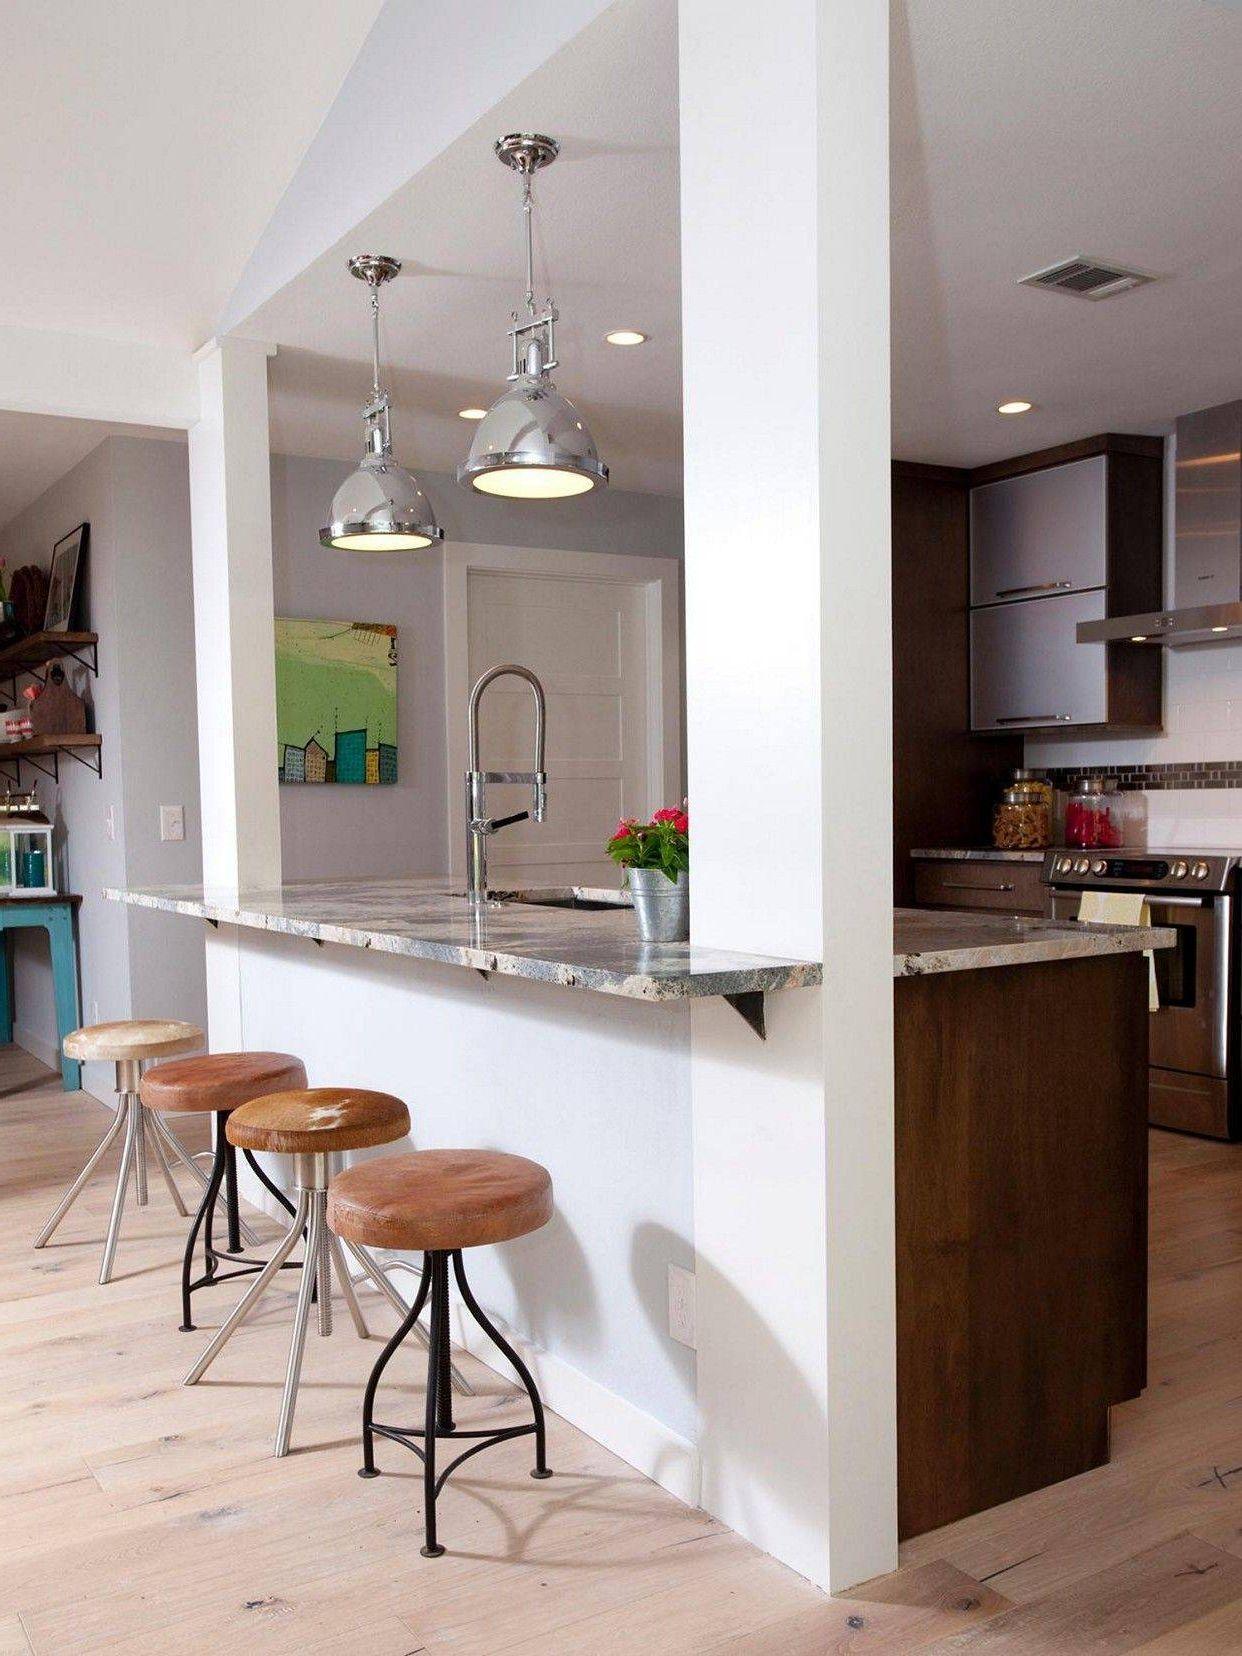 19 Creative Corner Kitchen Plans Decor Around The World Kitchen Inspiration Design Open Kitchen And Living Room Interior Design Kitchen